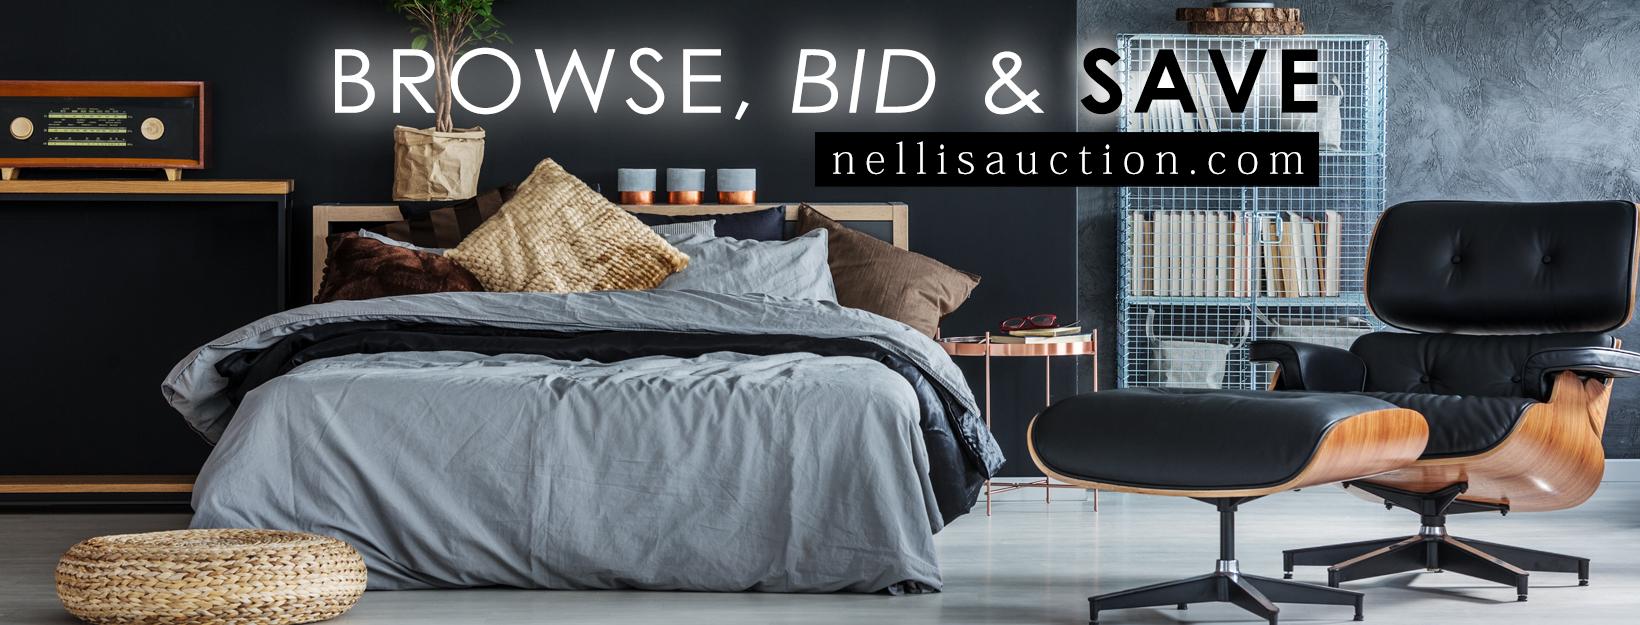 Nellis Auction Reviews, Ratings   Retail near 7440 Dean Martin Dr Suite 204 , Las Vegas NV